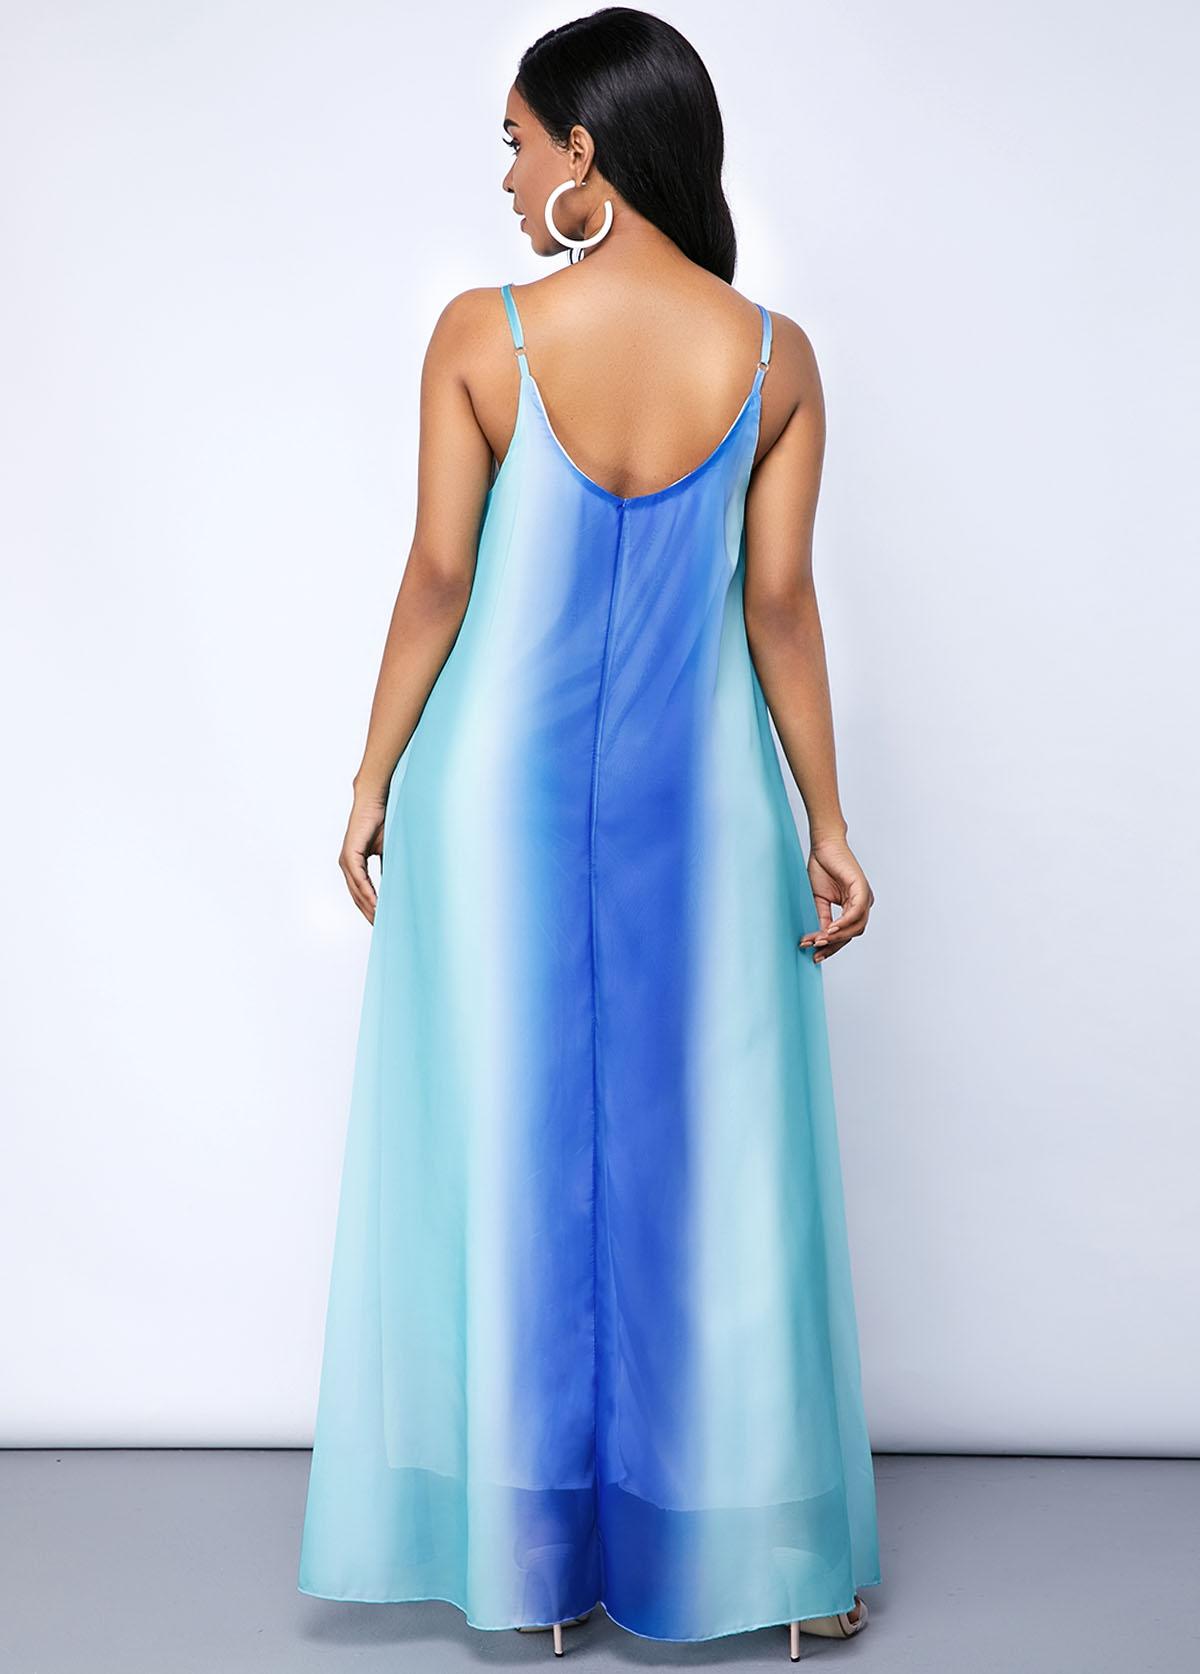 Pocket Tie Dye Print Spaghetti Strap Maxi Dress